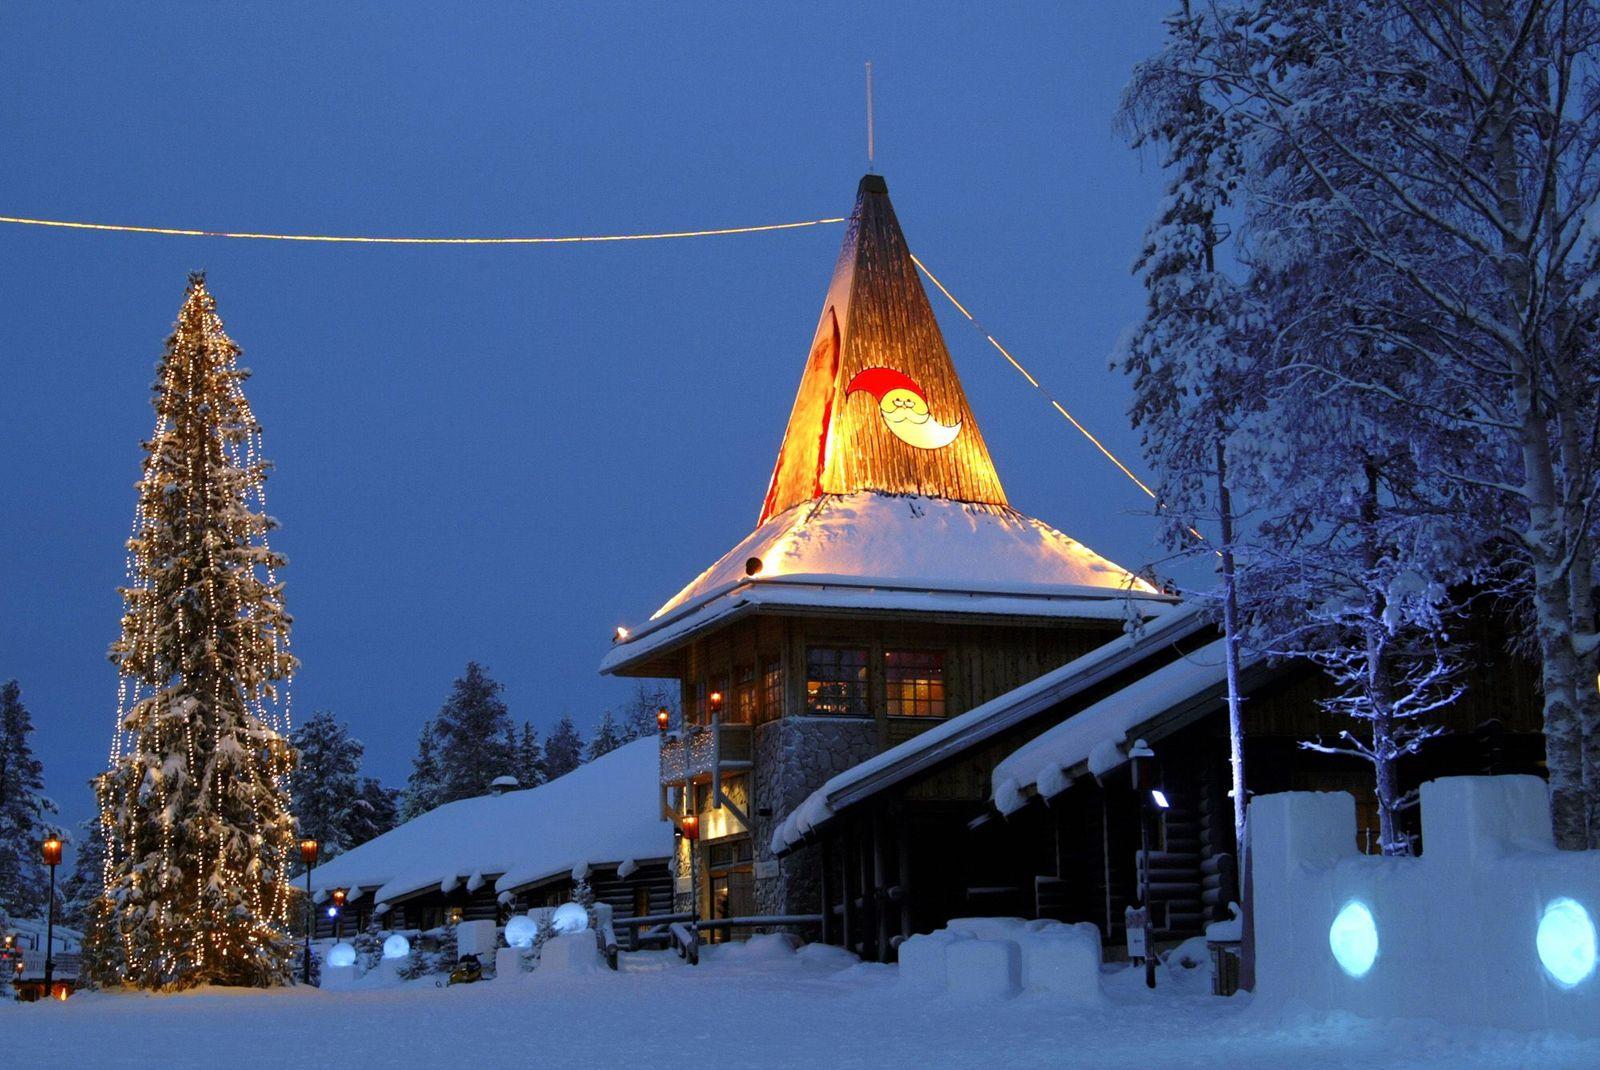 EINMALIGE VERWENDUNG Haus / Weihnachtsmann / Finnland